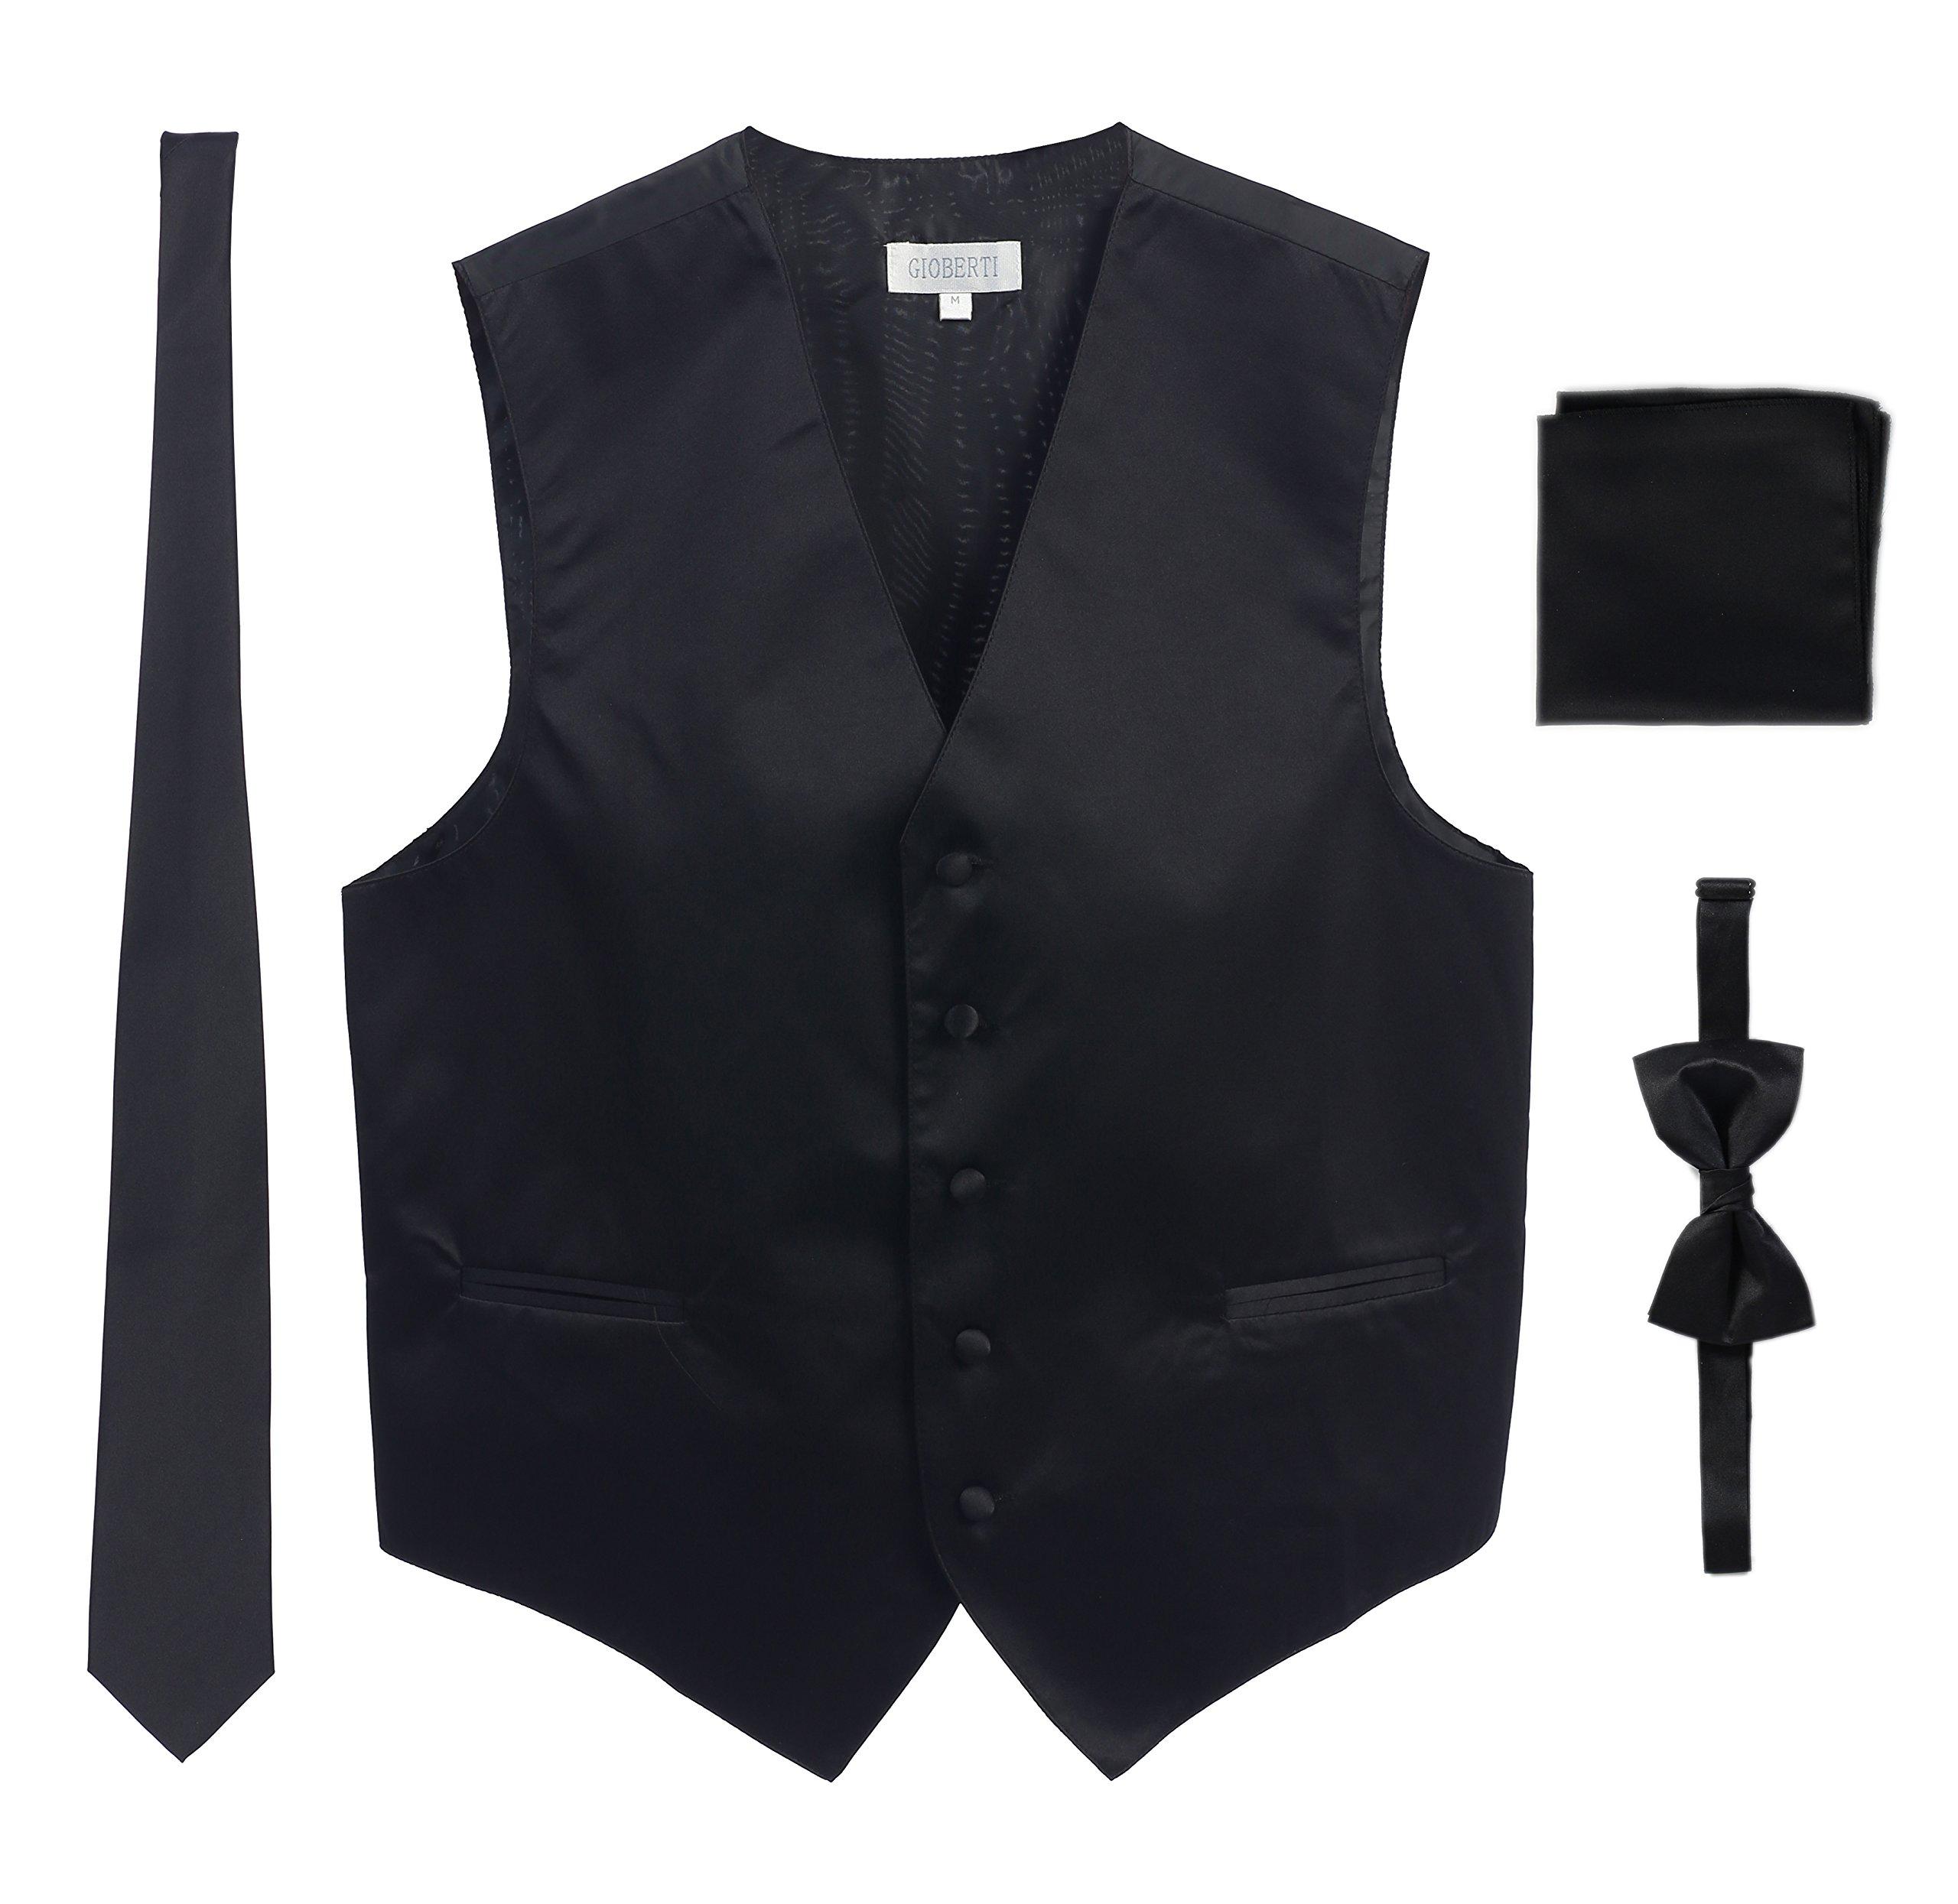 Men's Formal Vest Set, Bowtie, Tie, Pocket Square, Black, 2X Large